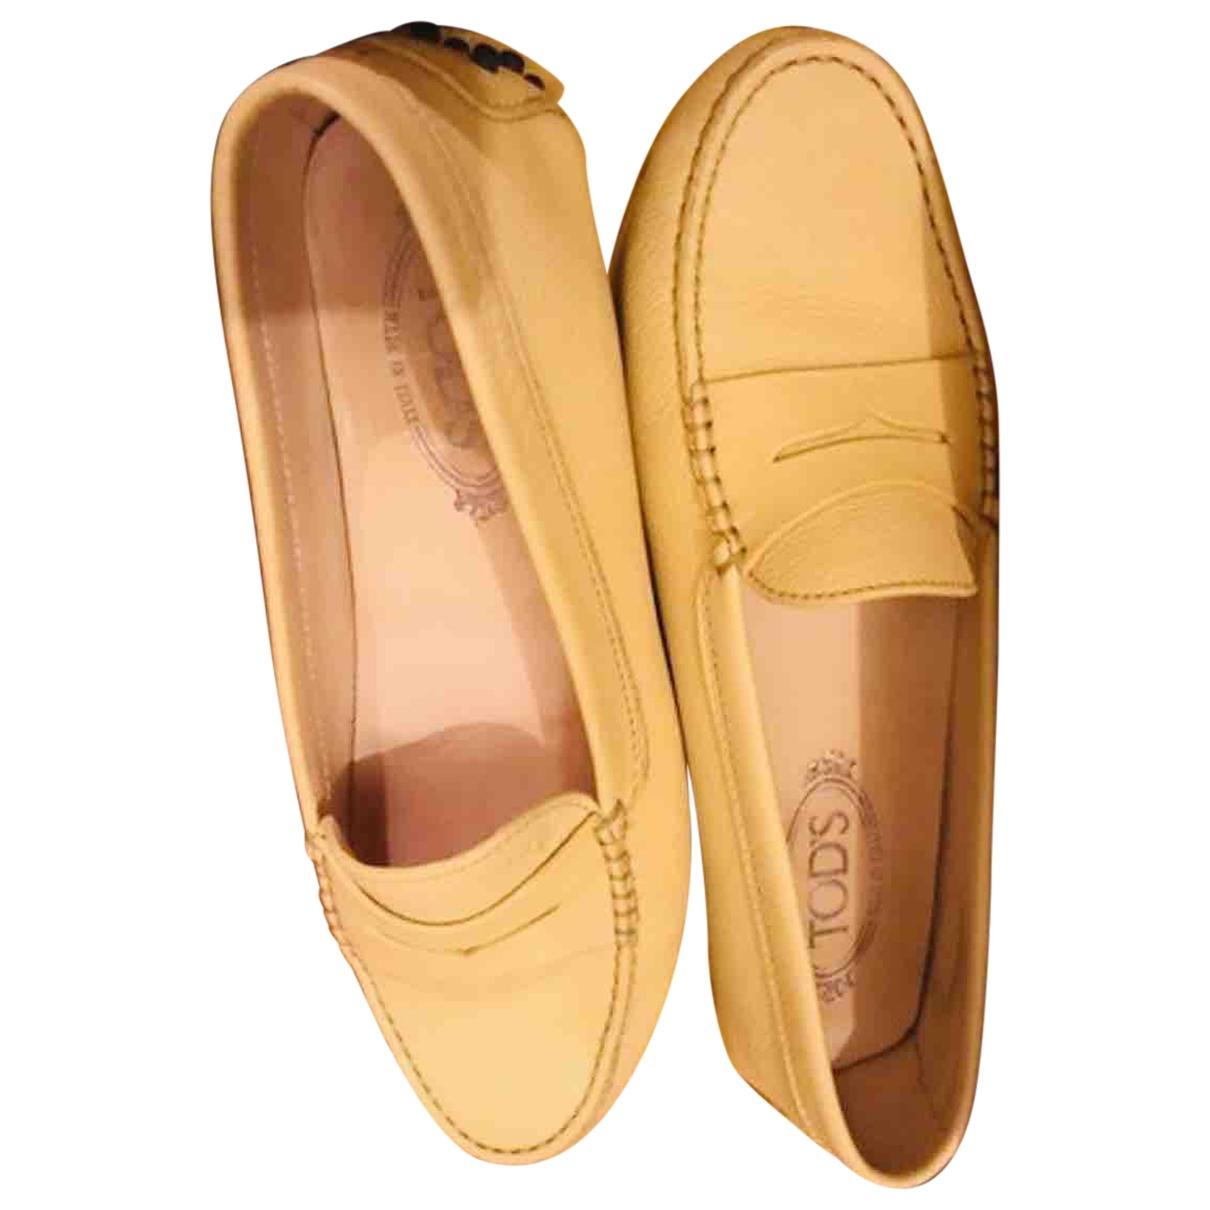 Tods - Mocassins Gommino pour femme en cuir - jaune